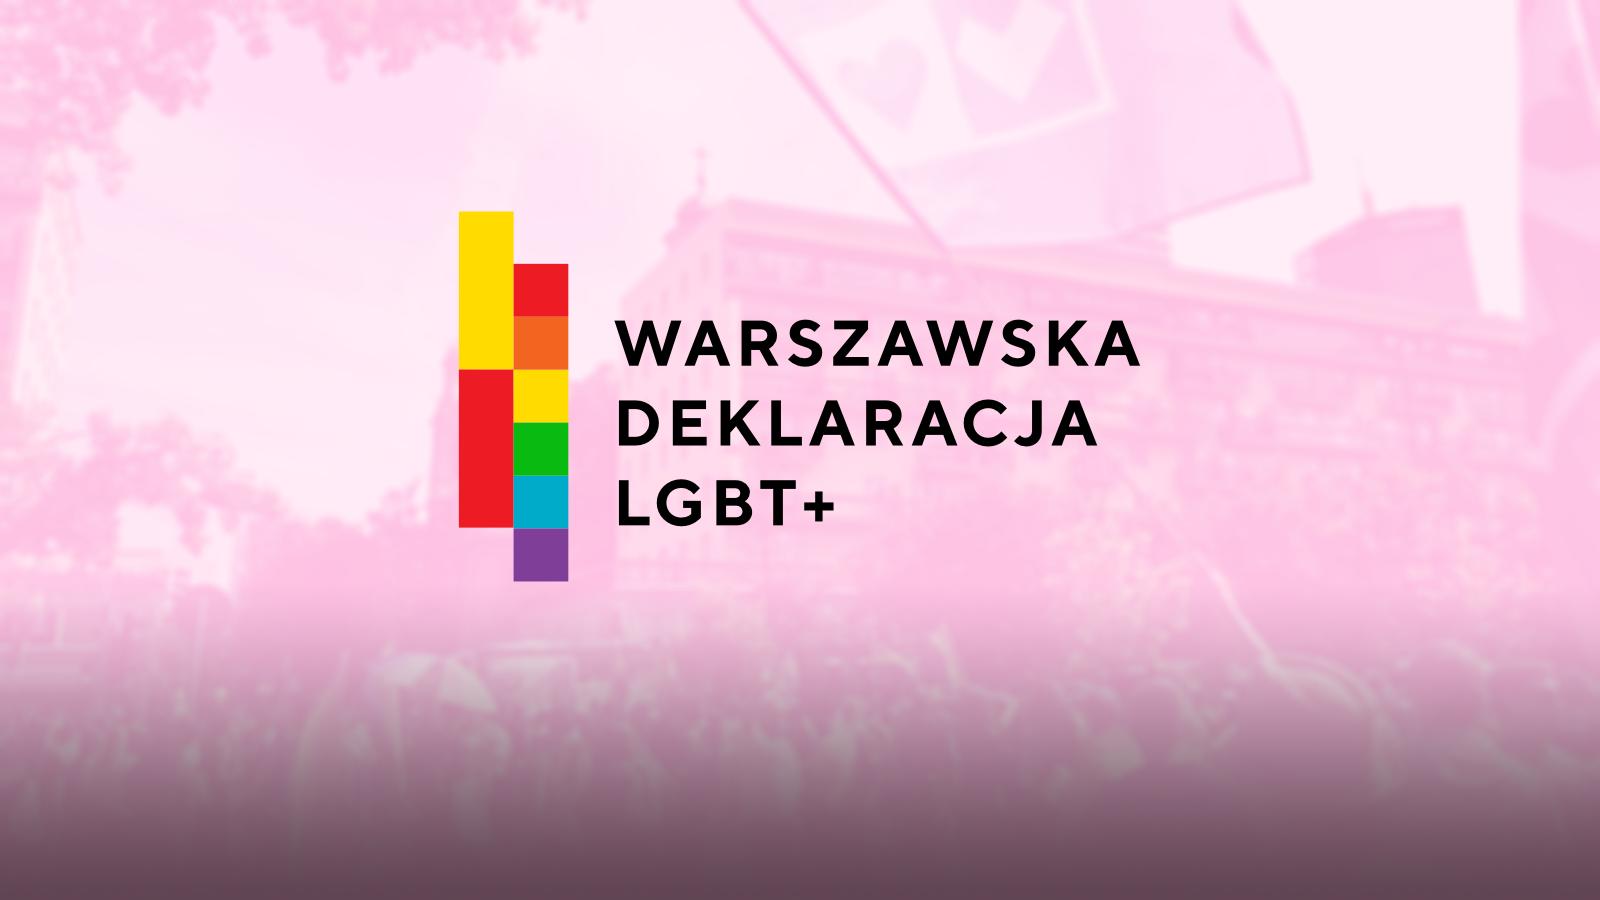 Warszawska Deklaracja LGBT+. Co się z nią dzieje?